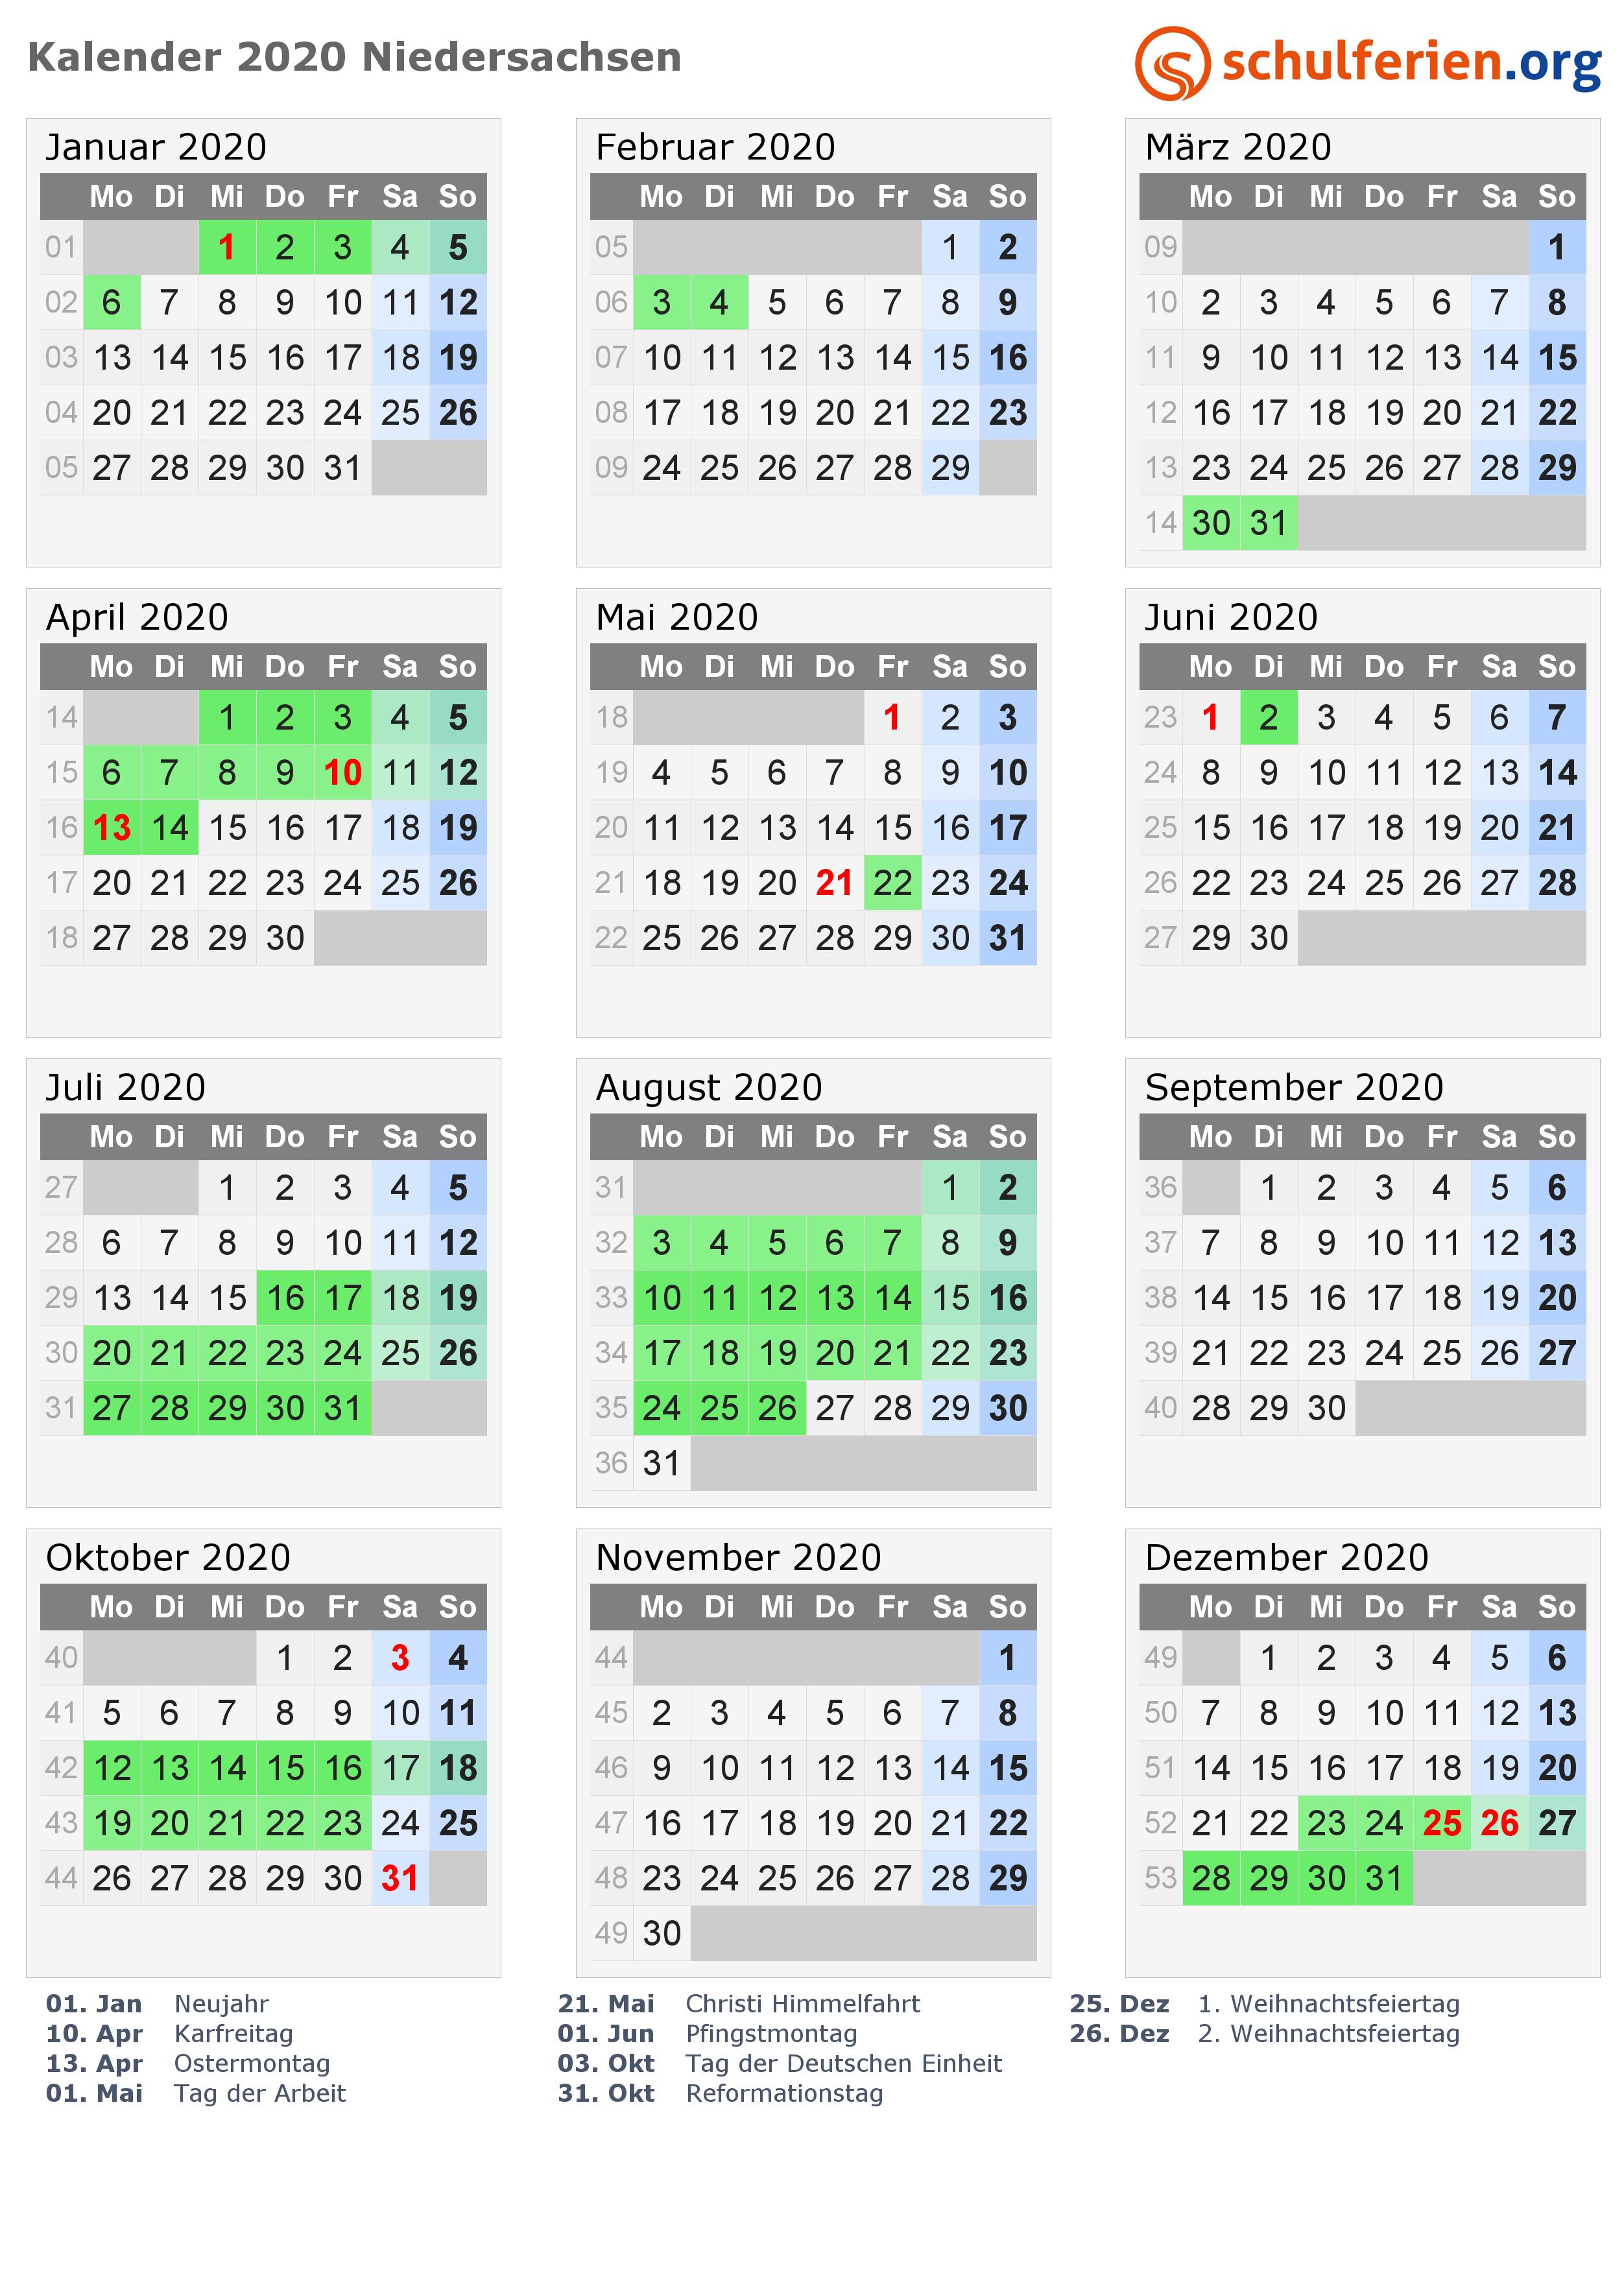 kalender-2020-niedersachsen-hoch